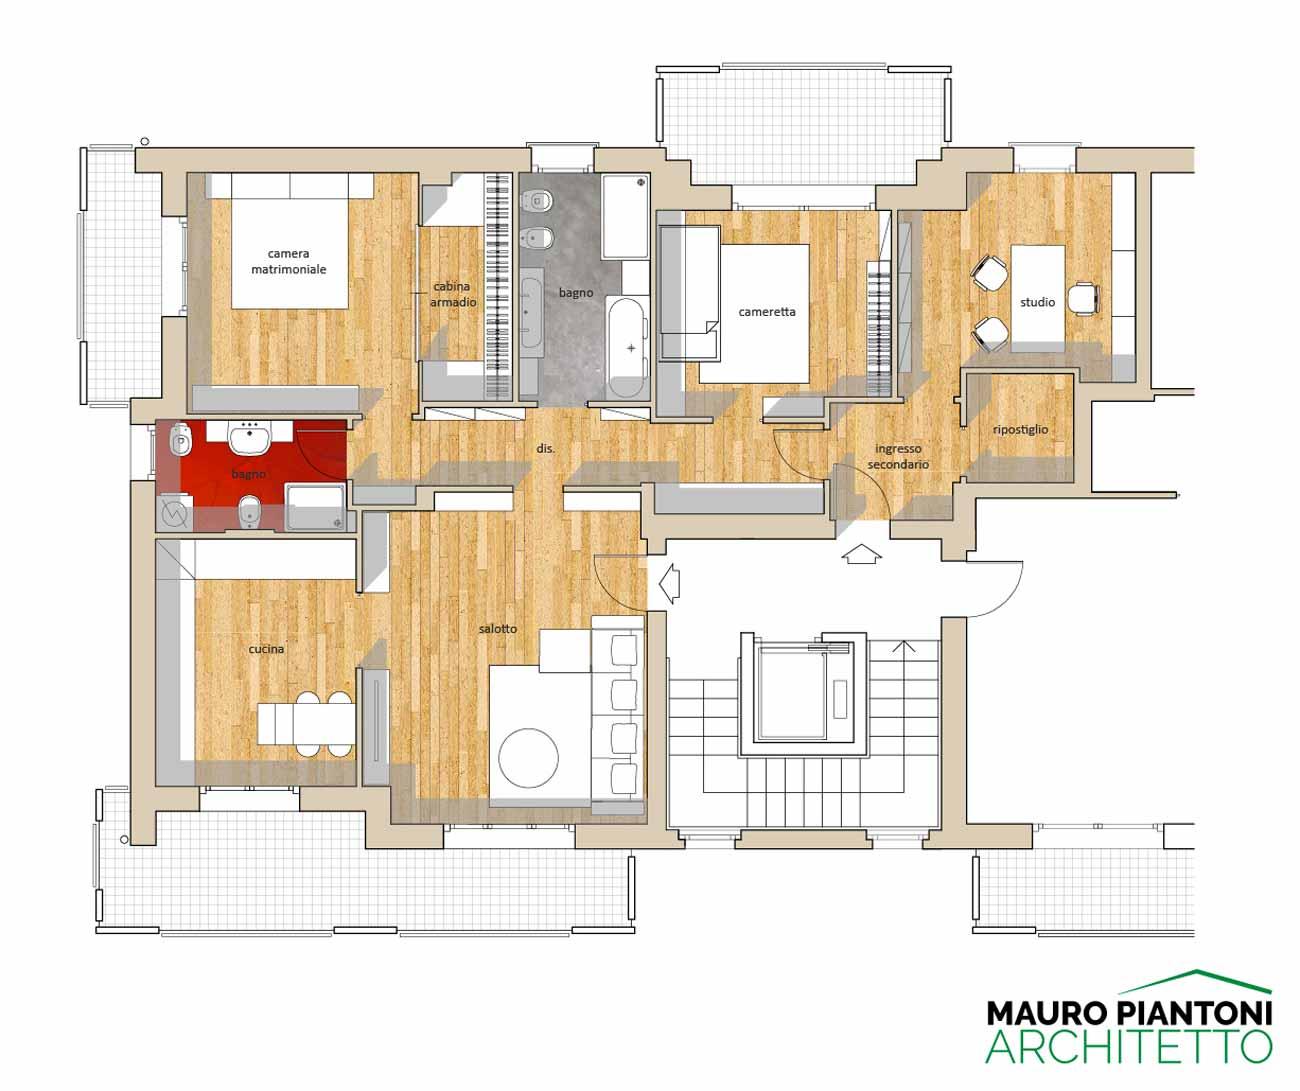 Interni casa stefano longetti arredamenti interni for Casa moderna pianta